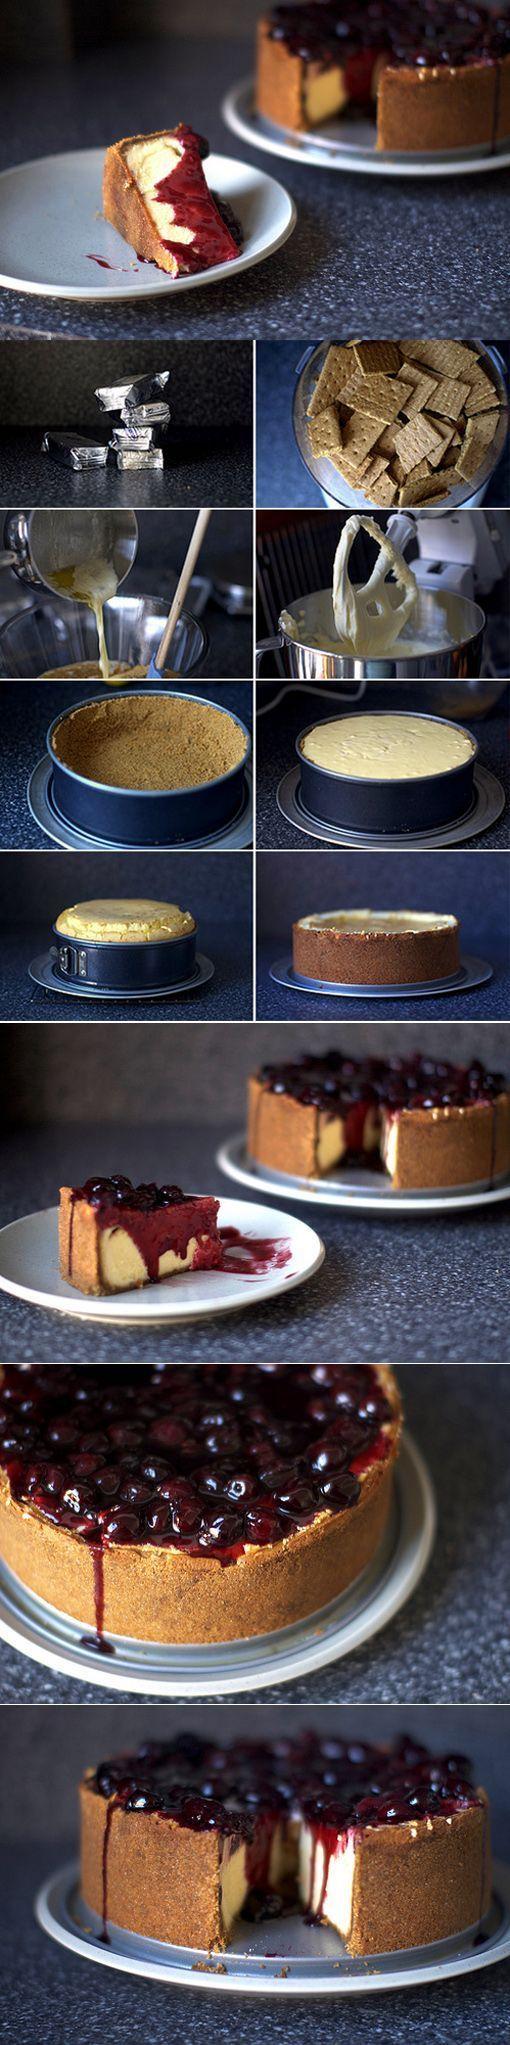 Una receta increible del New York Cheesecake / http://smittenkitchen.com/: